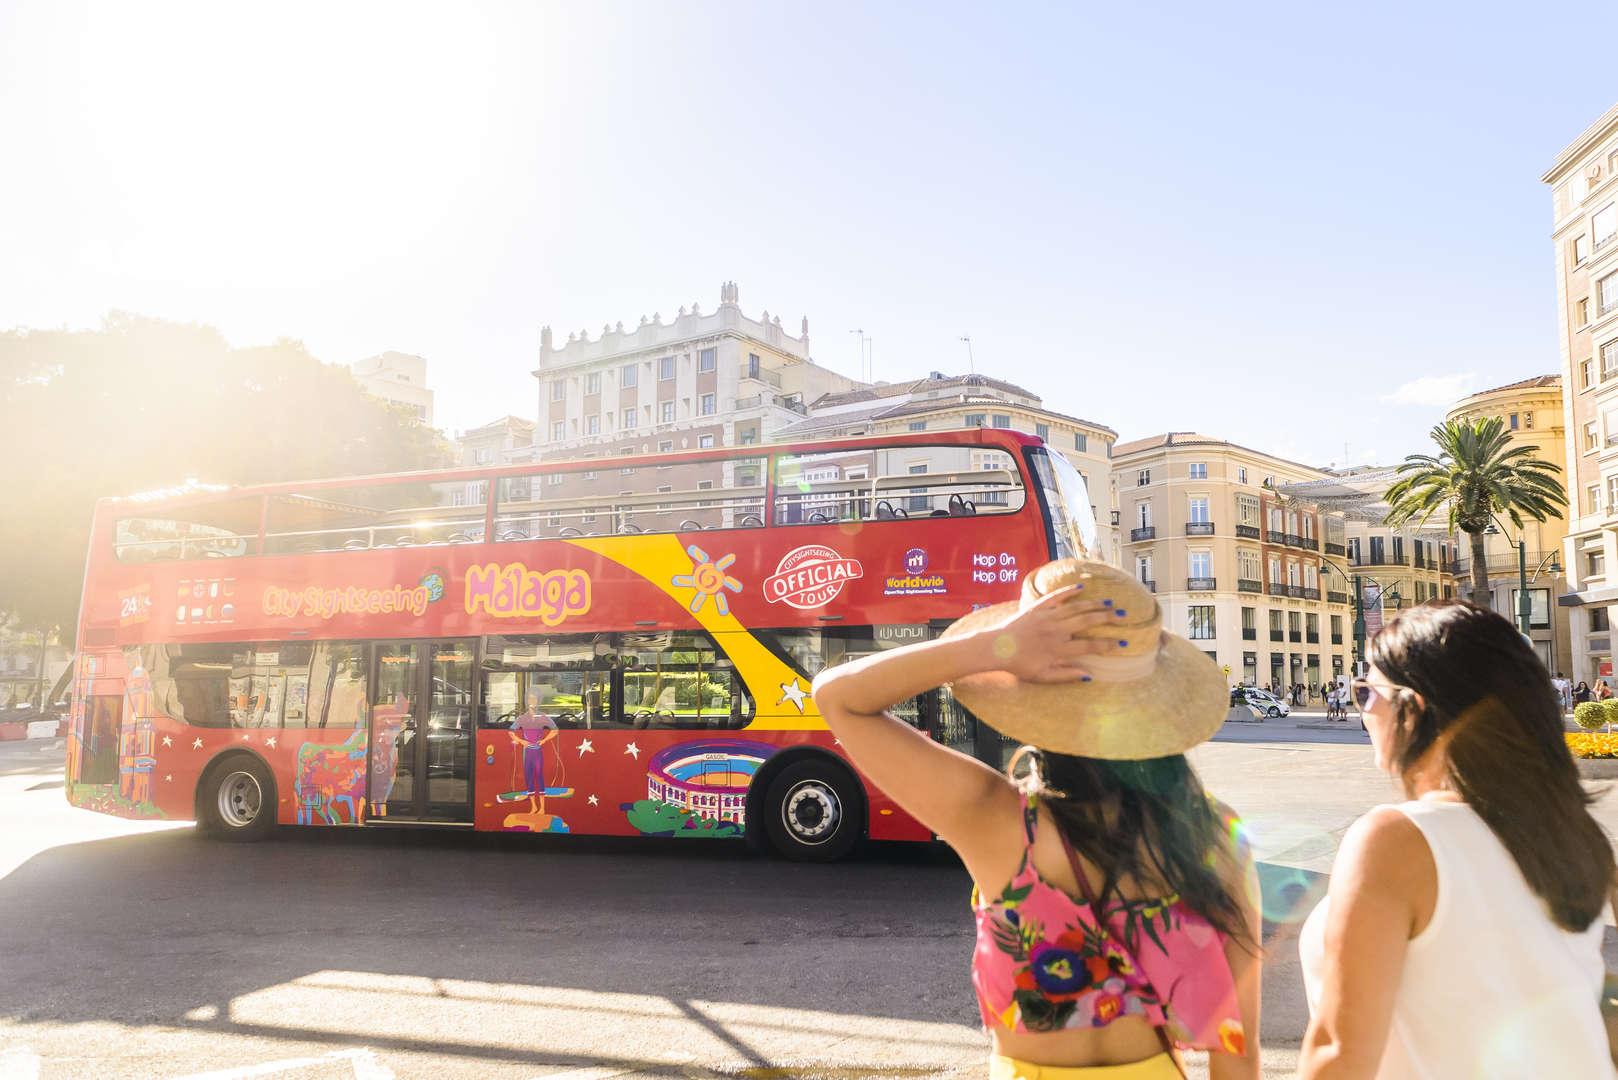 Foto de MÁLAGA EXPERIENCE (24H BUS TURÍSTICO + WALKING TOUR + SHOW FLAMENCO)